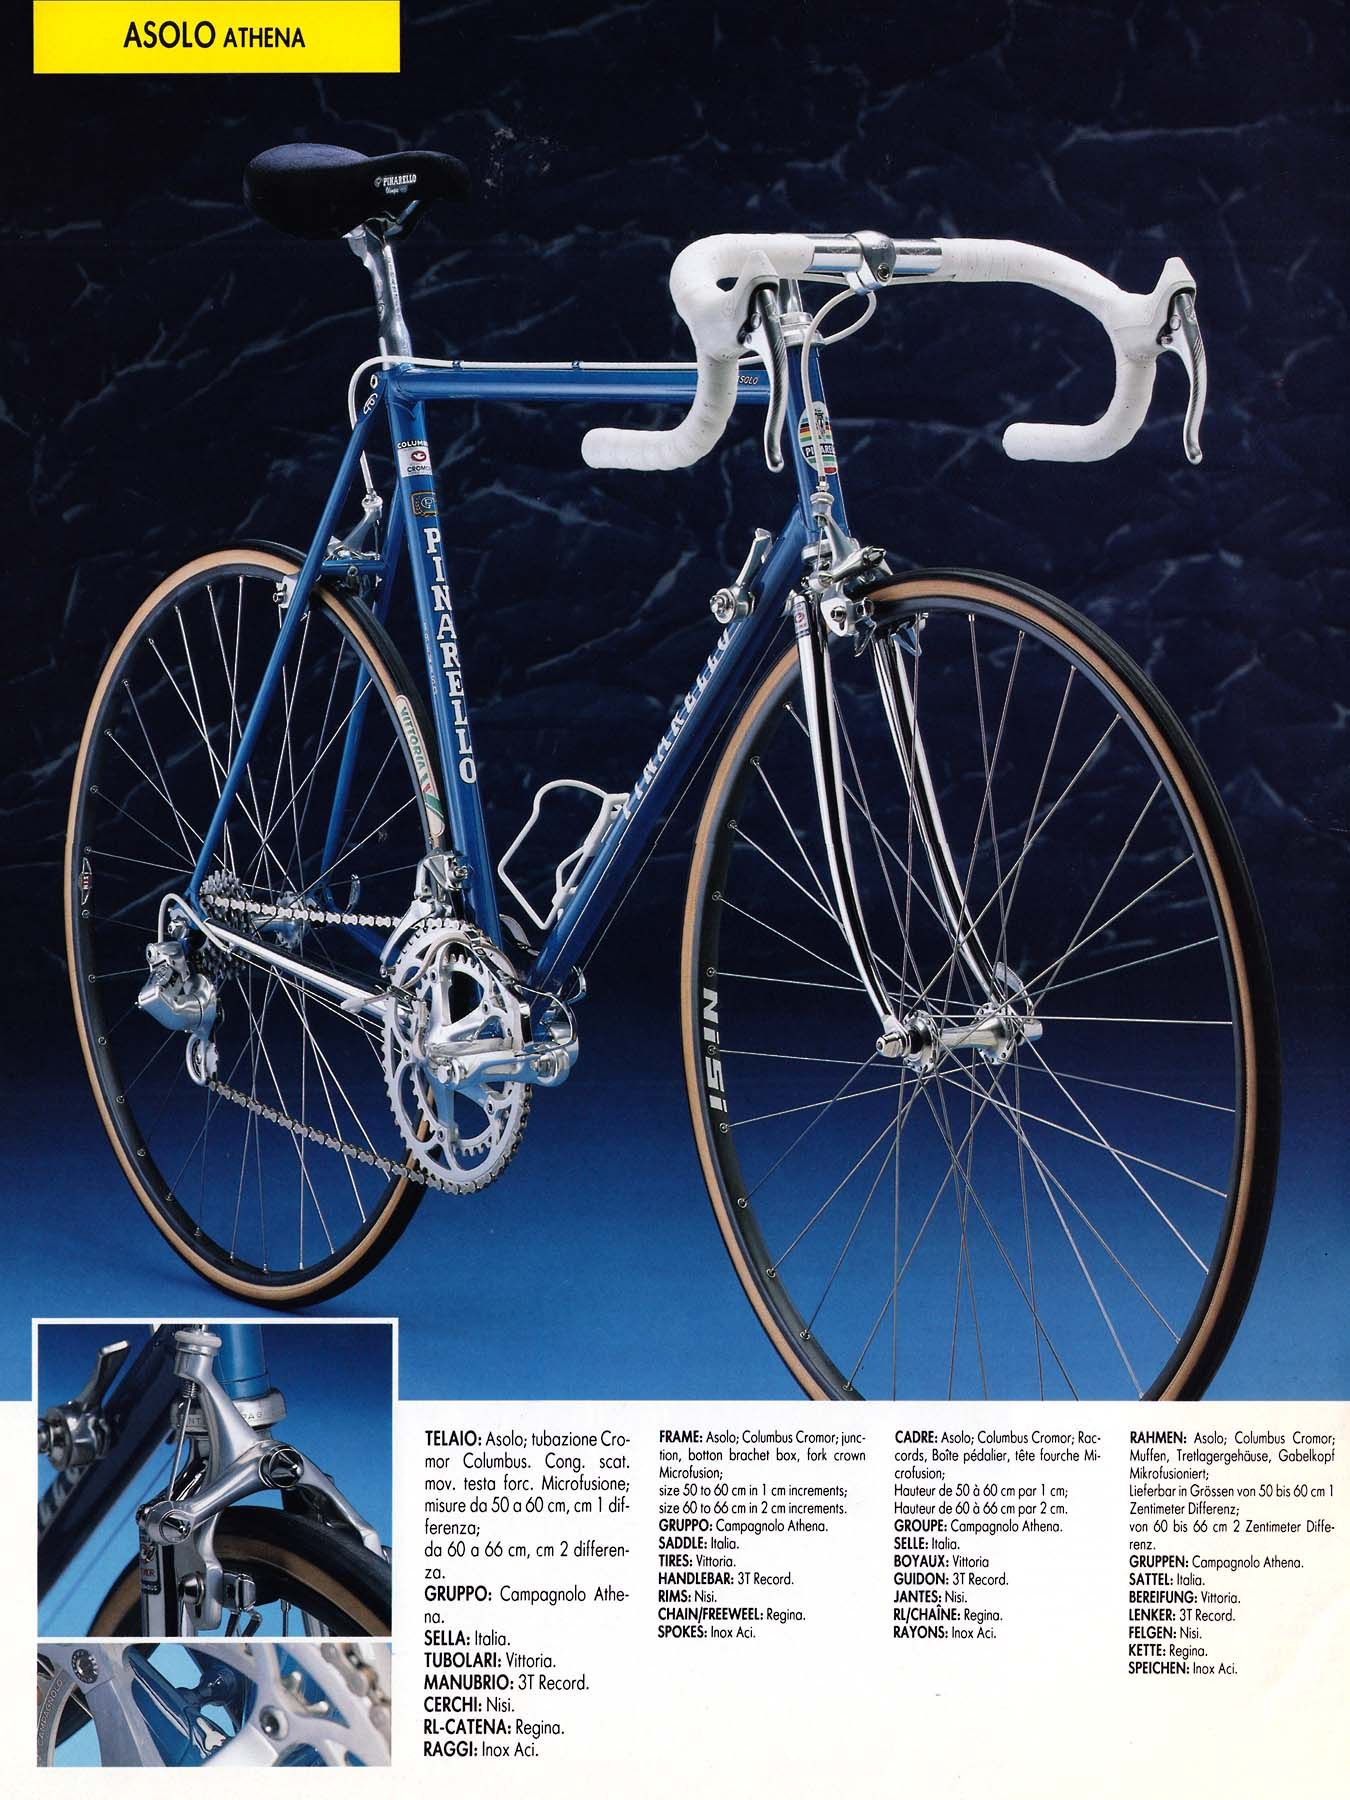 Pinarello Asolo with Campagnolo Athena/Nisi | Vintage bicycles ...